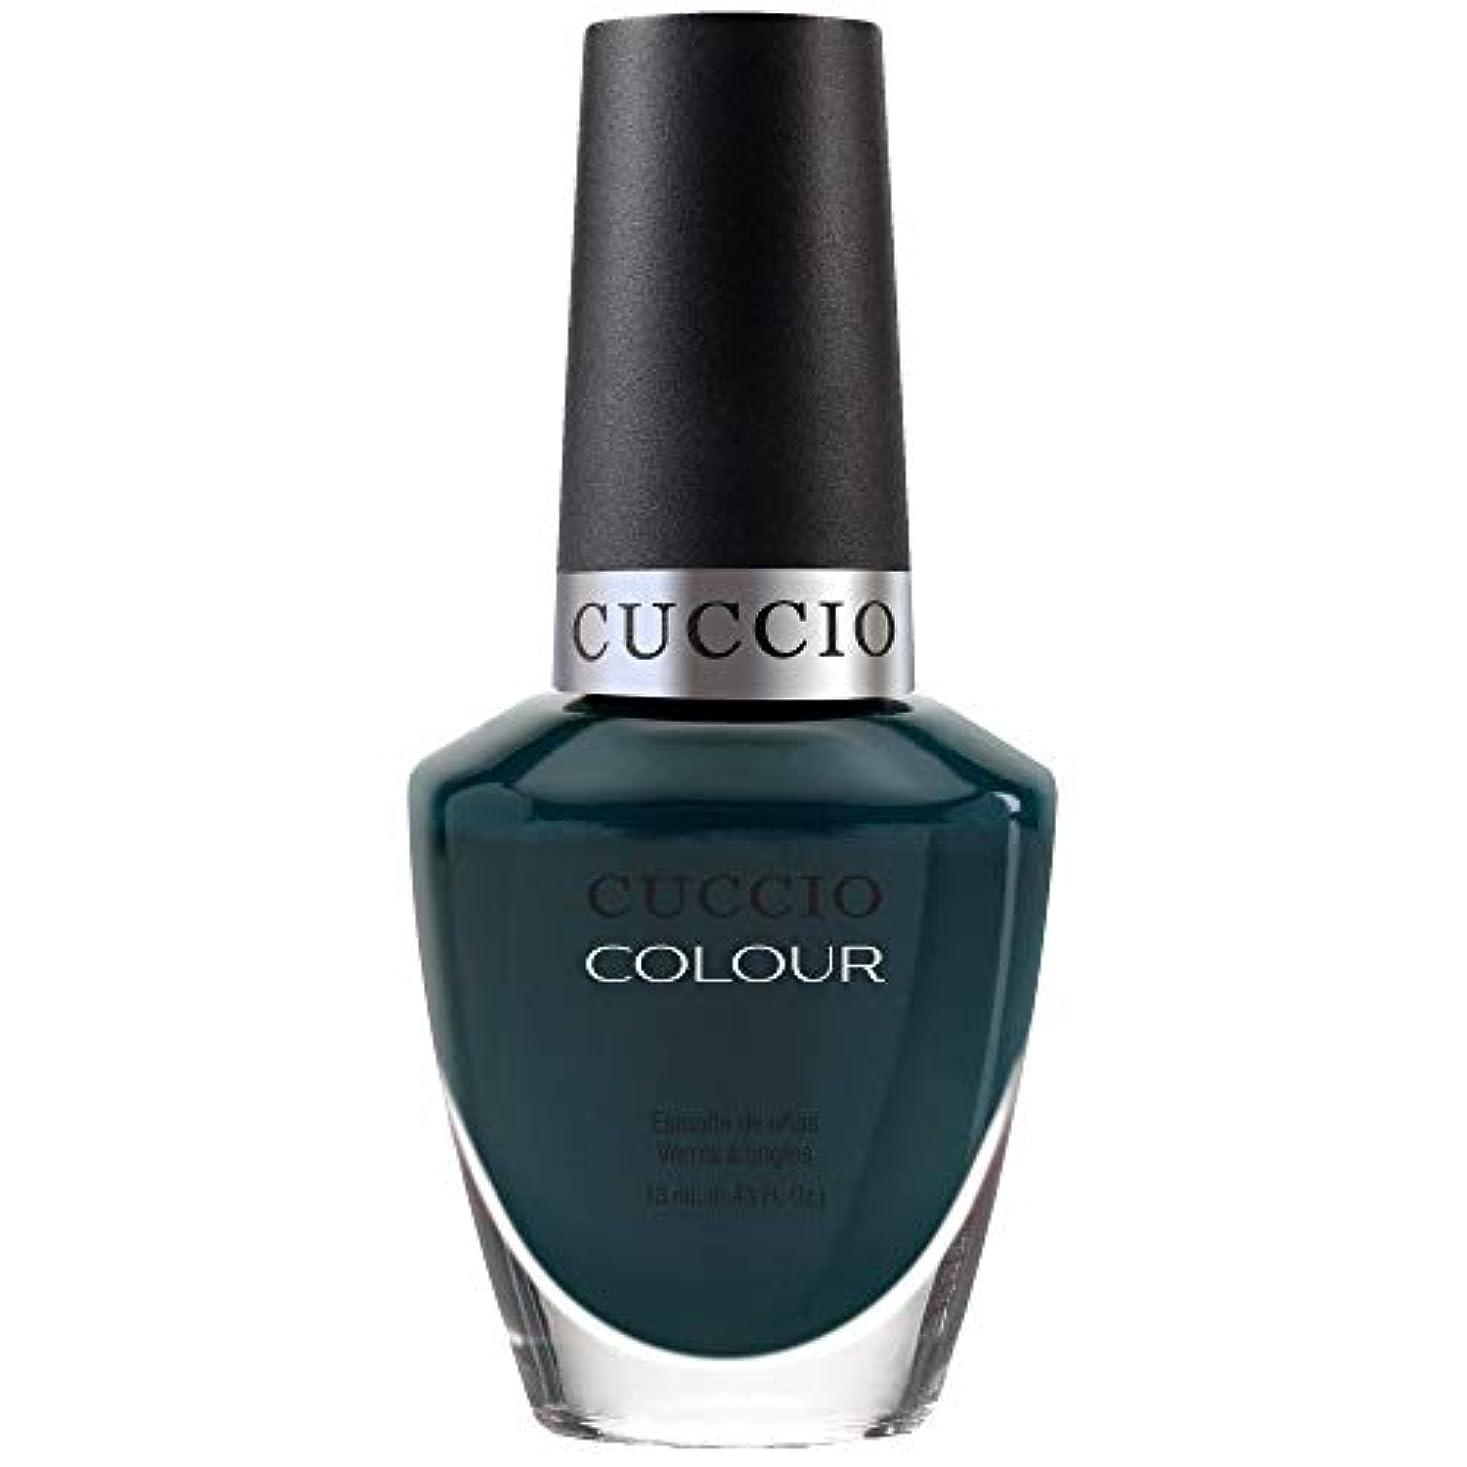 民族主義換気長くするCuccio Colour Gloss Lacquer - Prince I've Been Gone - 0.43oz / 13ml